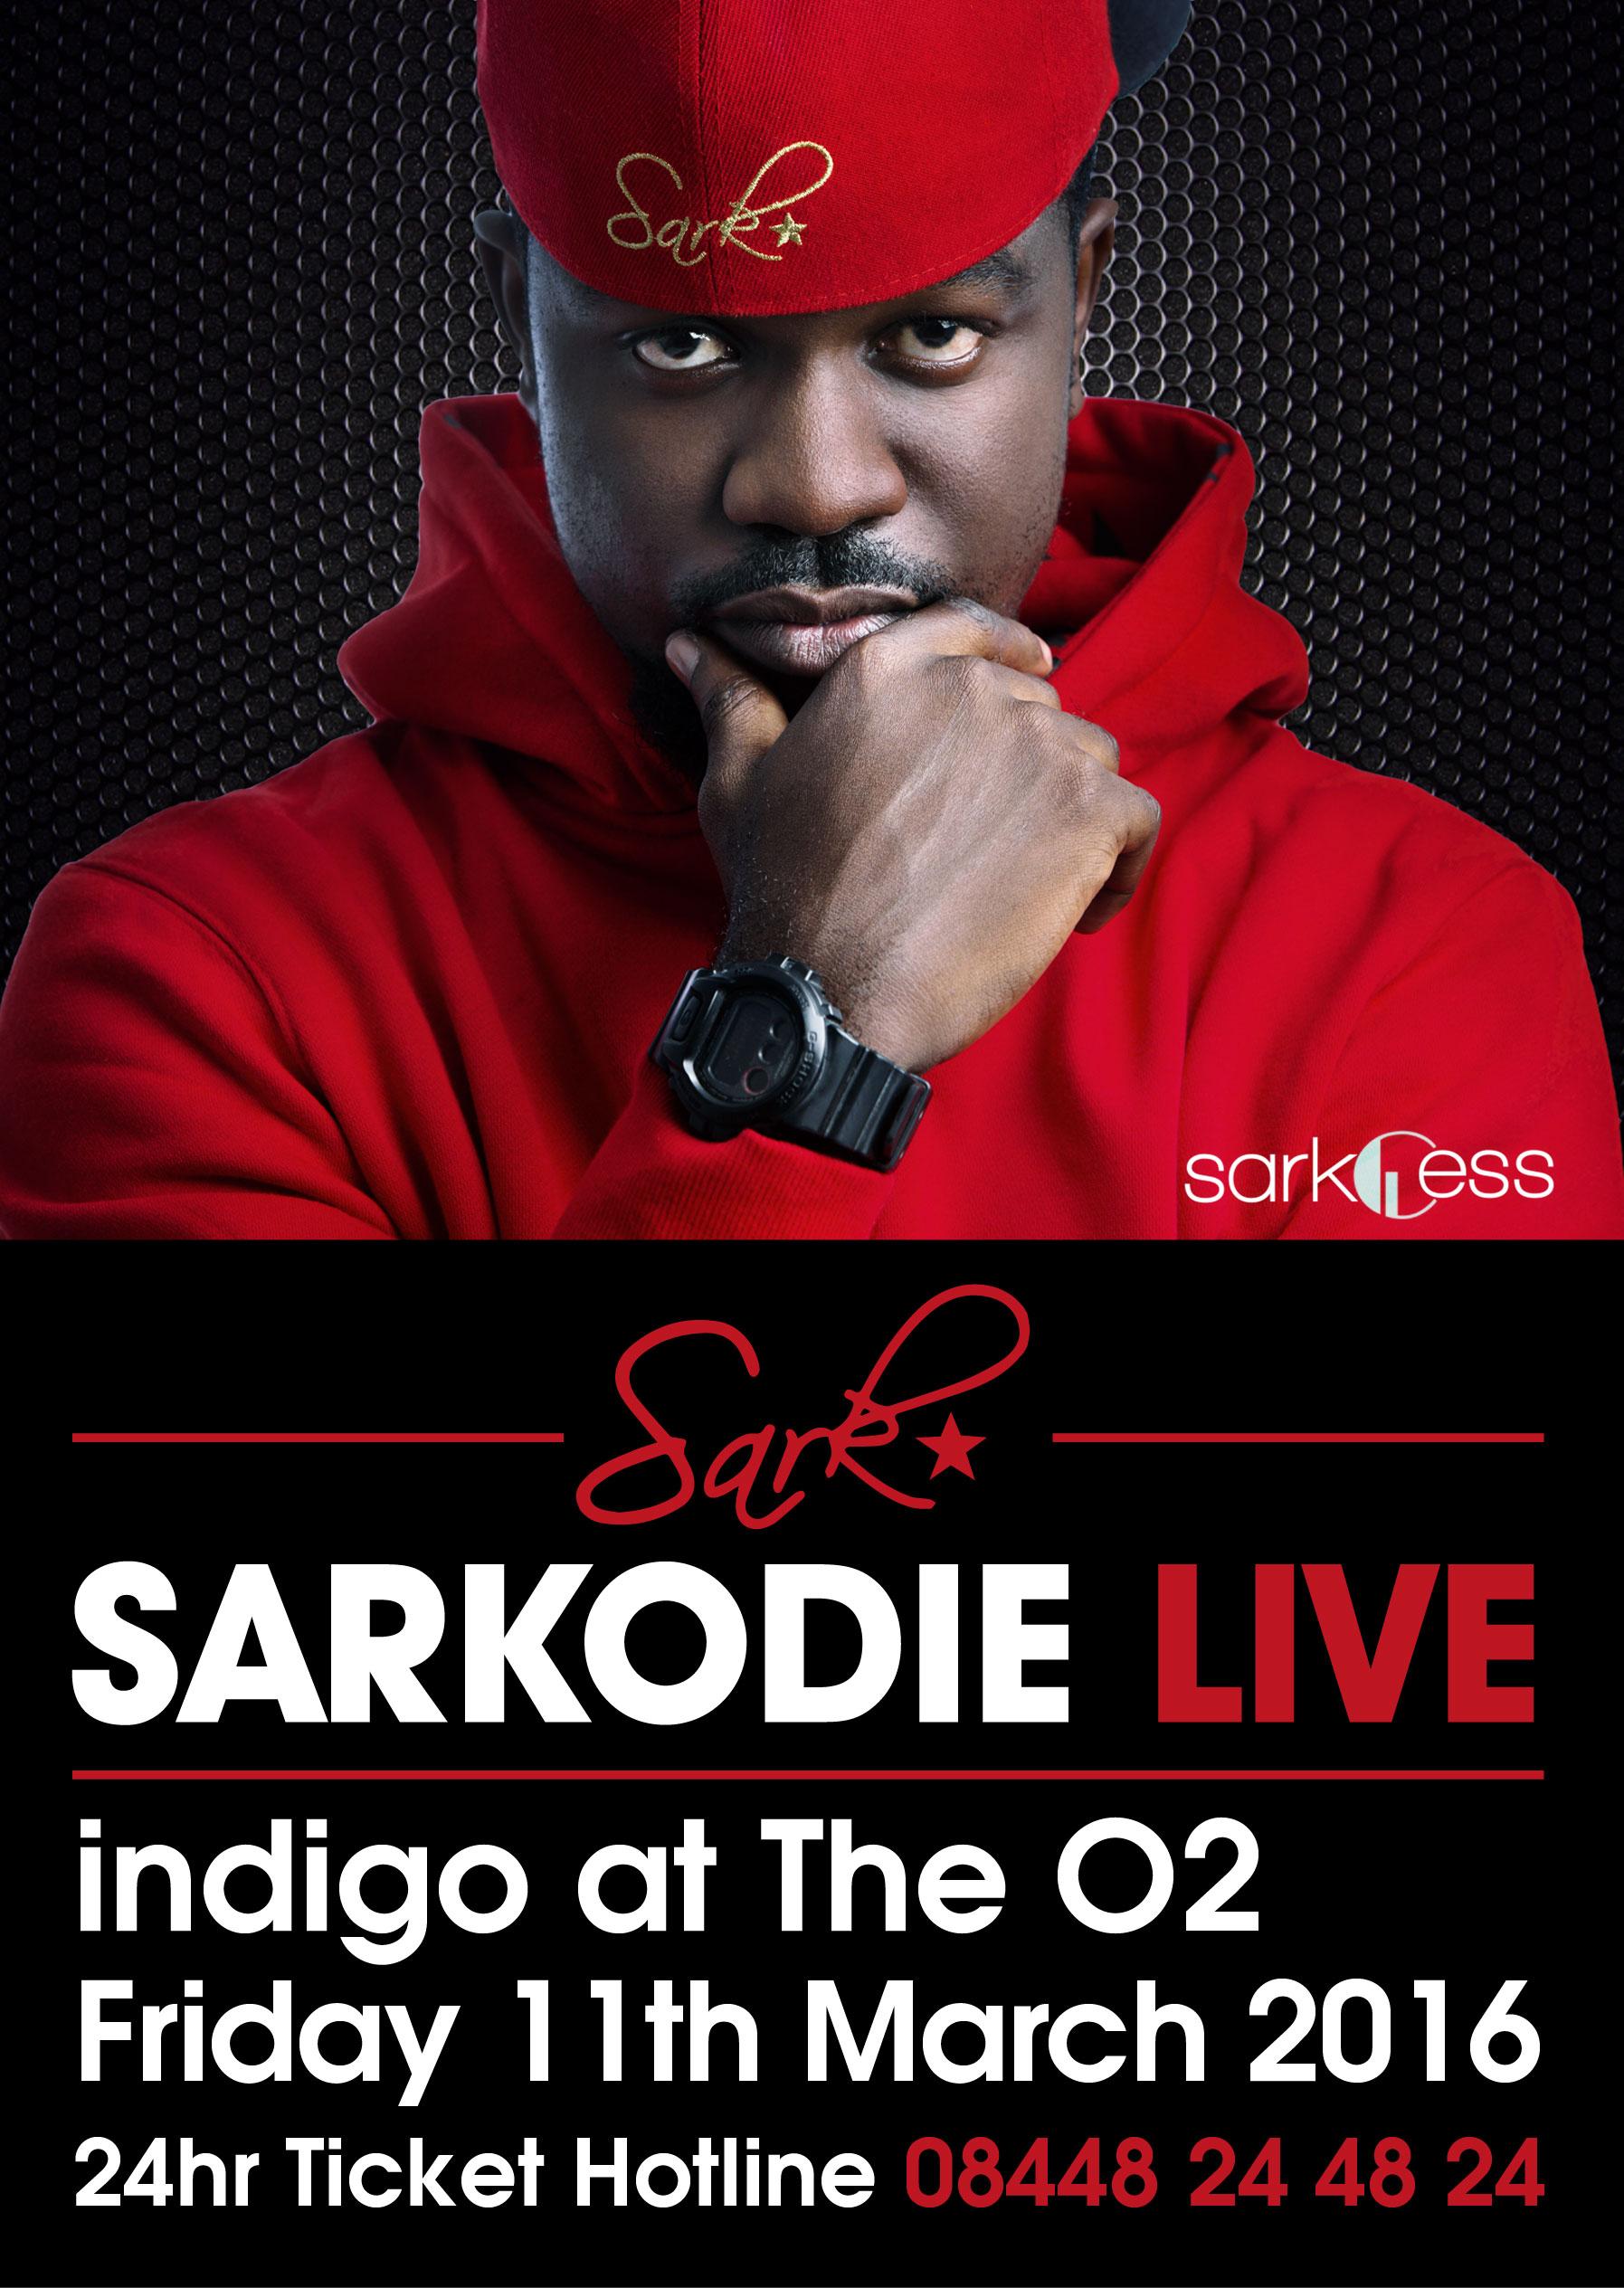 Sarkodie 2016 tour